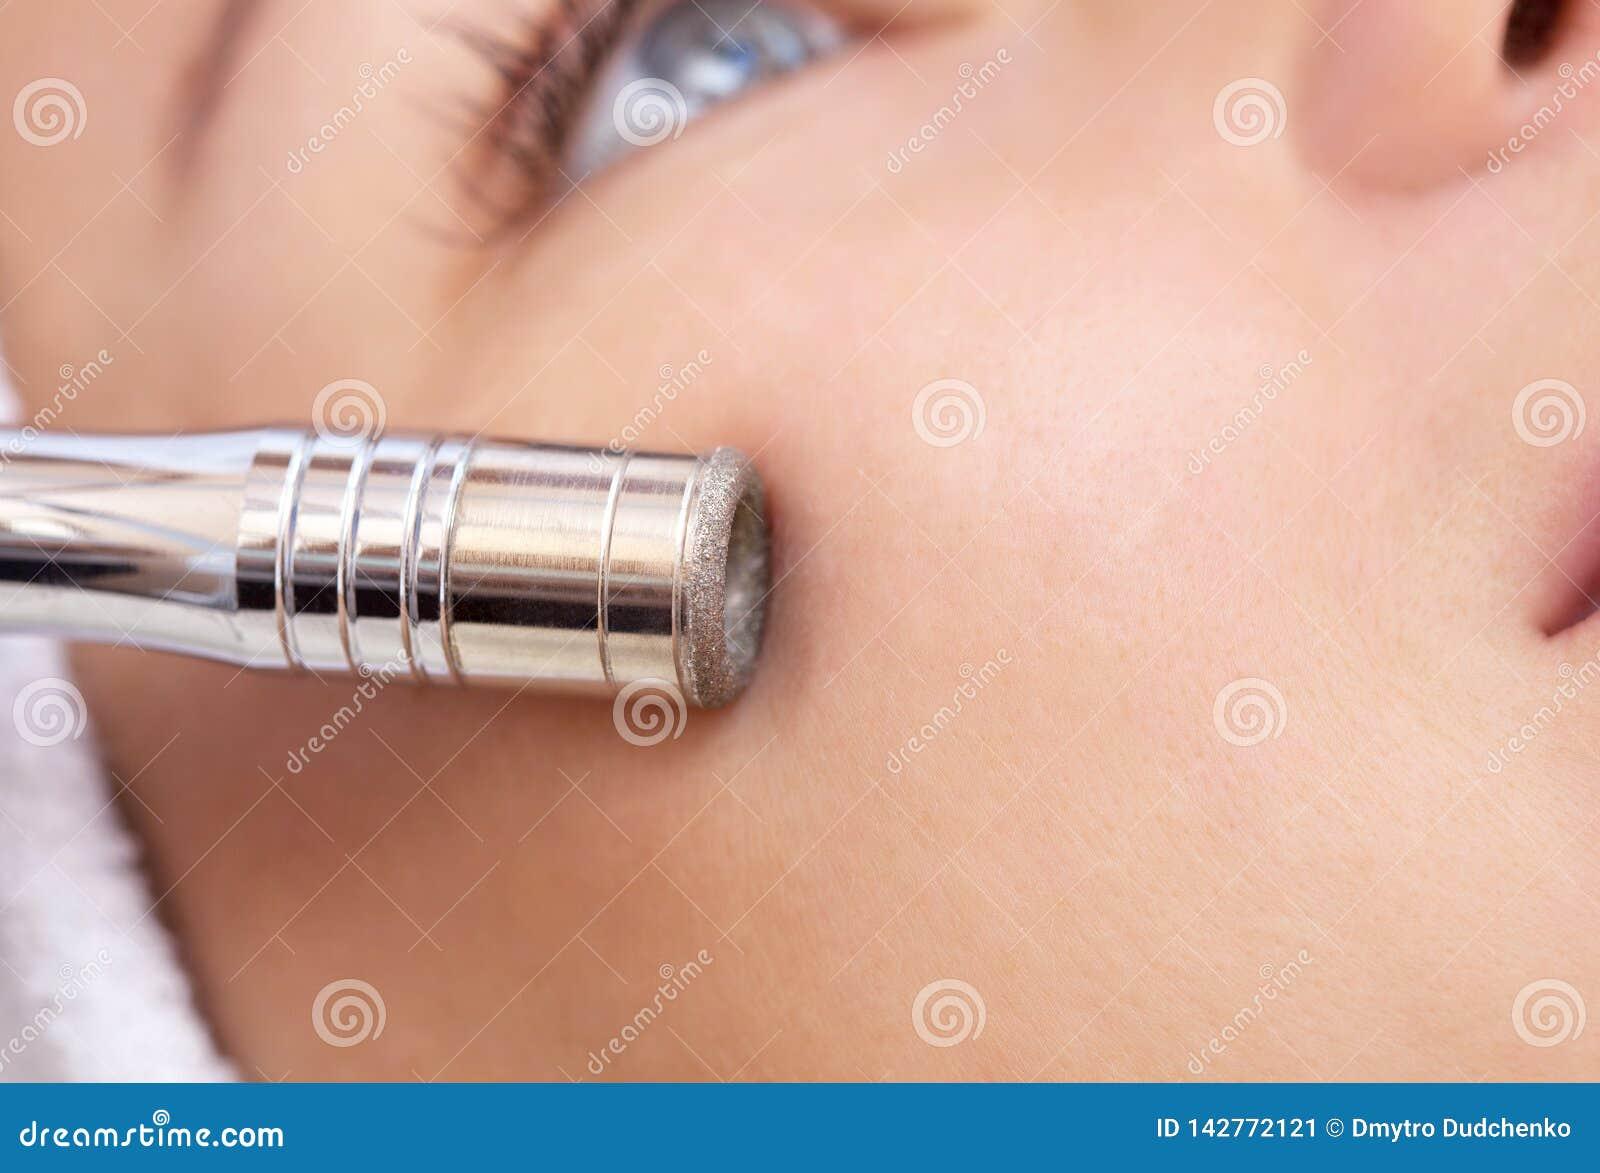 Cosmetologist делает процедуру Microdermabrasion лицевой кожи красивого, молодой женщины в салоне красоты